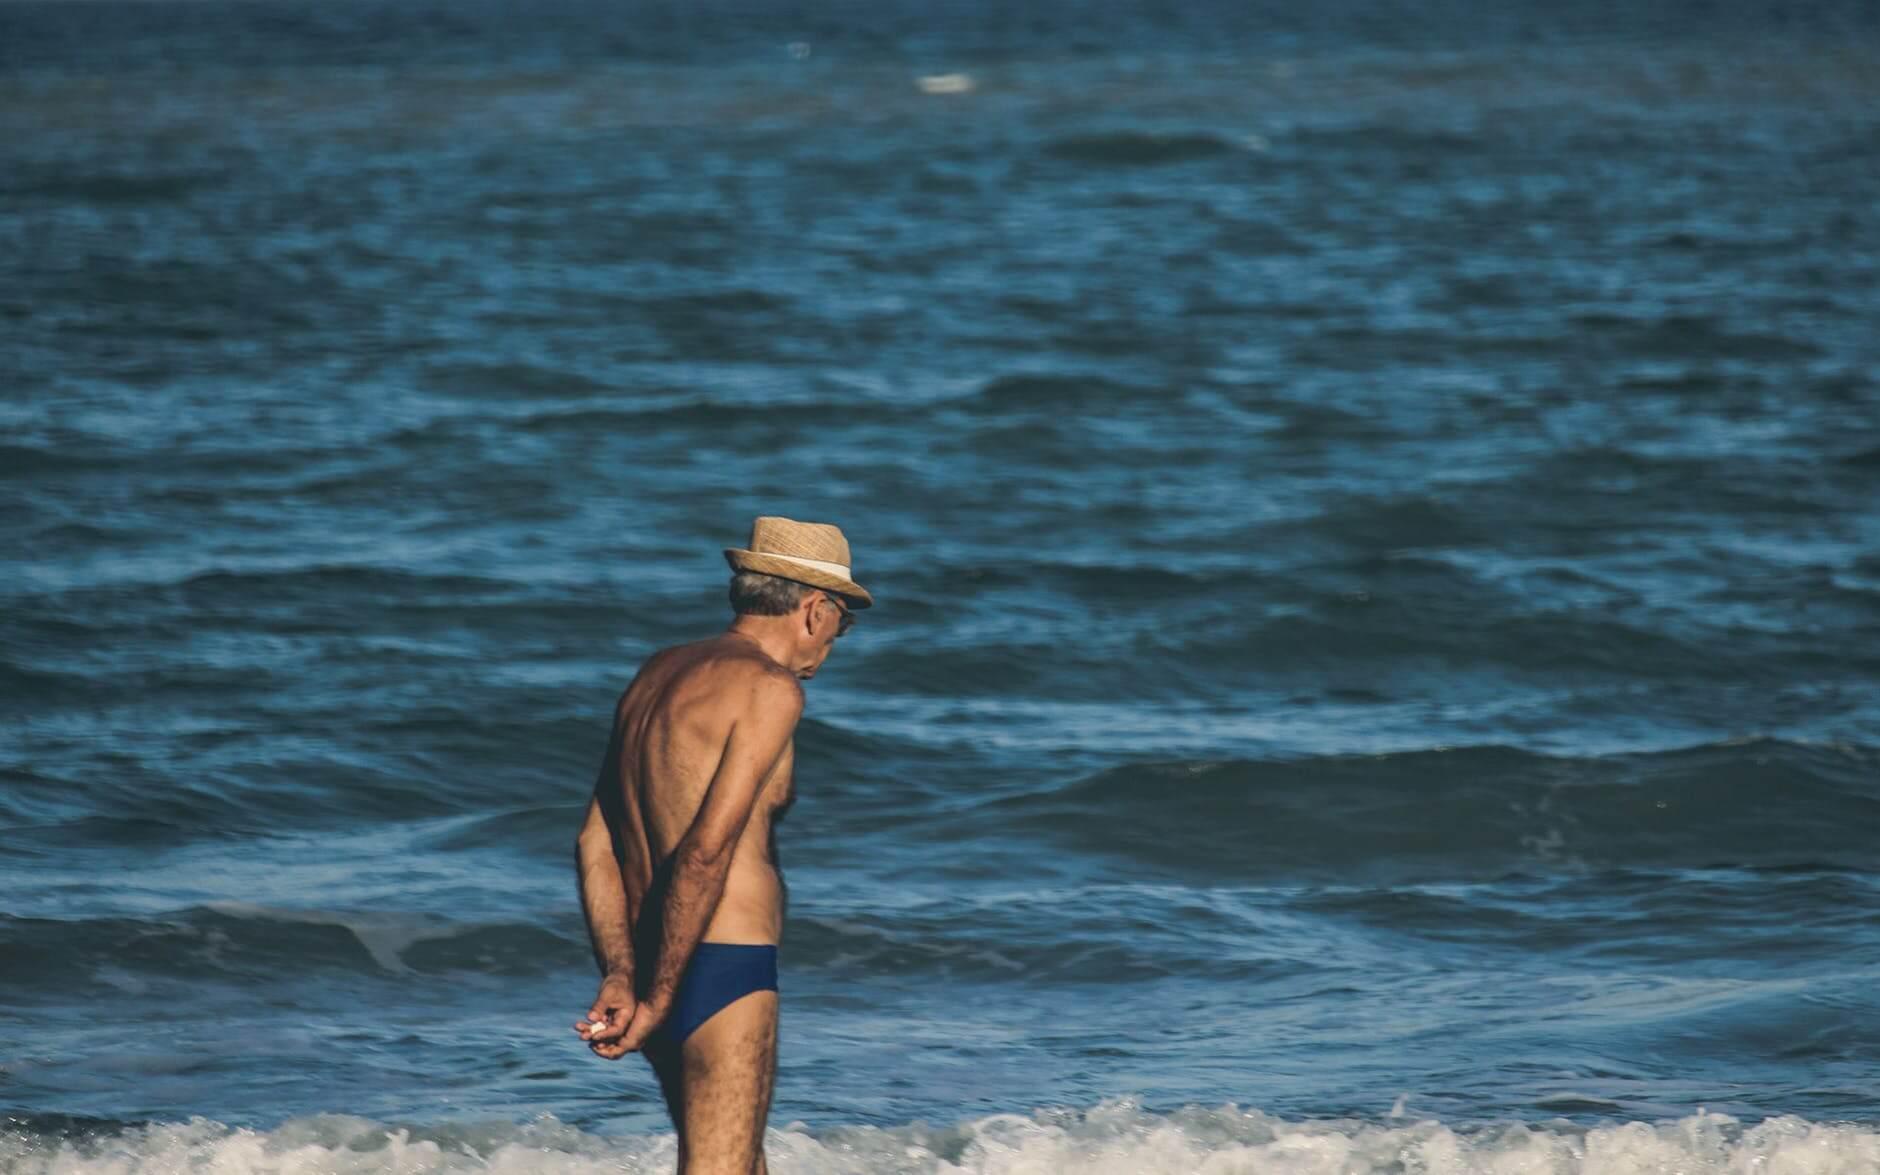 Istraživanje trajalo 40 godina: Pronašli su čudnu vezu između sporijeg hodanja i bržeg starenja